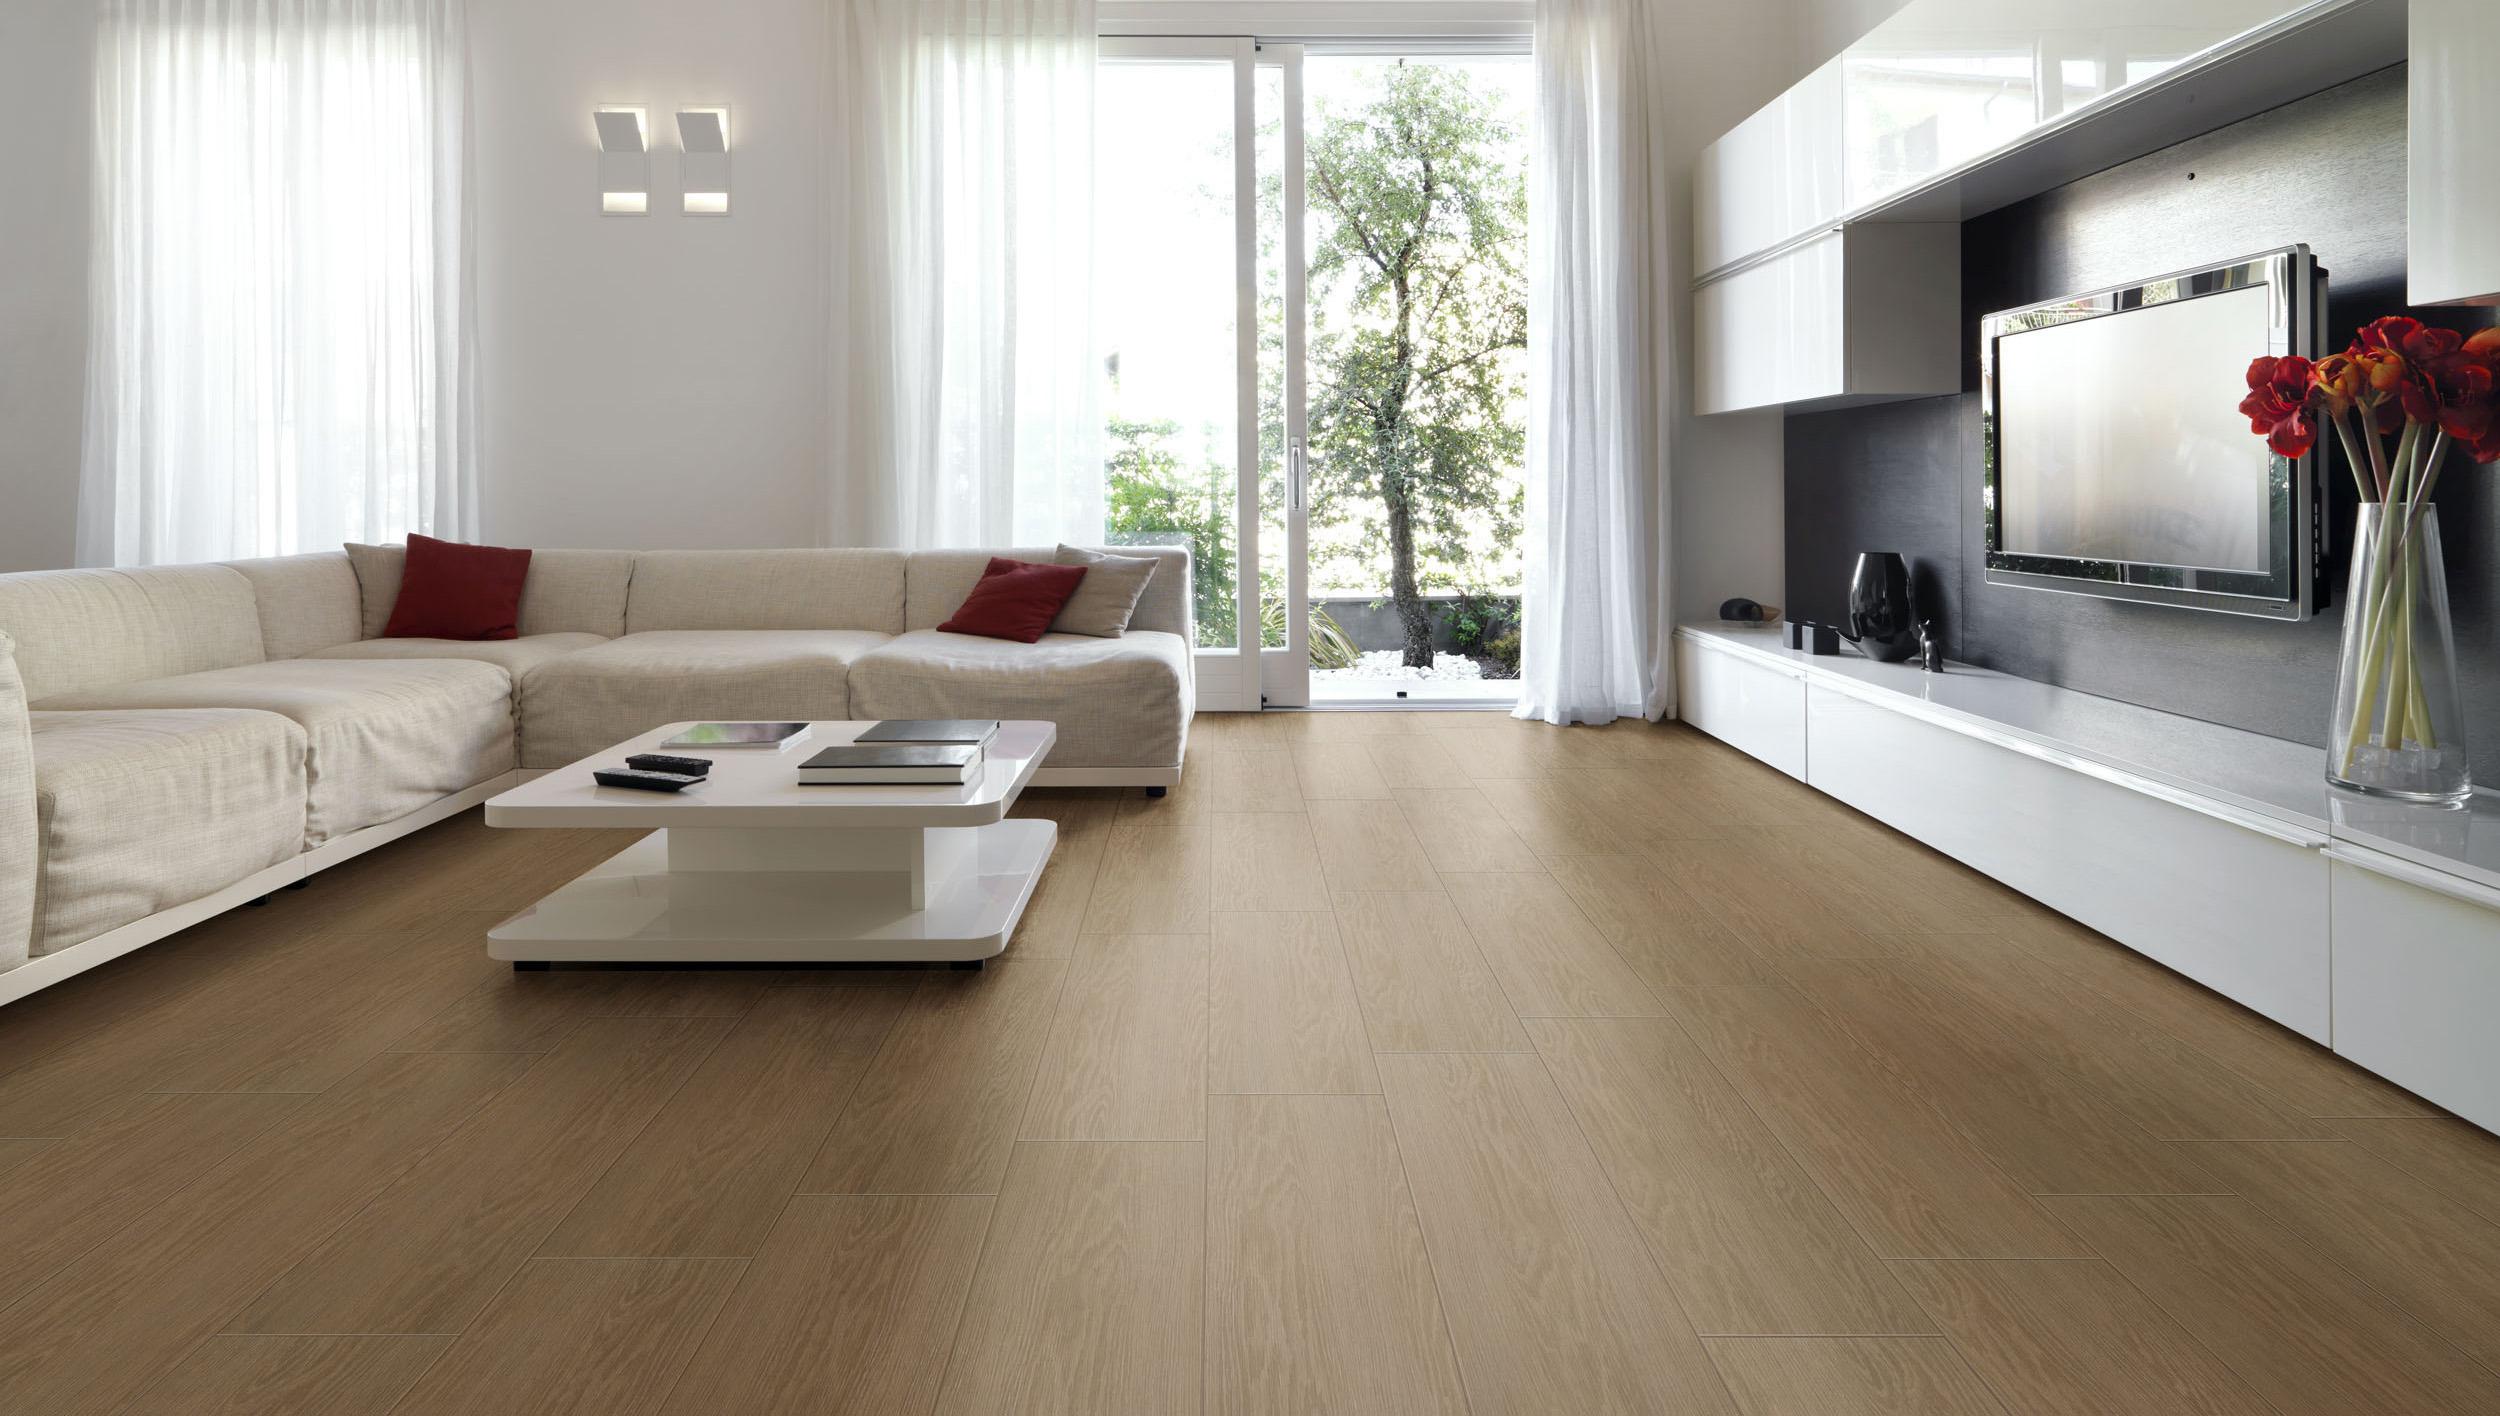 Image result for chọn sàn gỗ công nghiệp